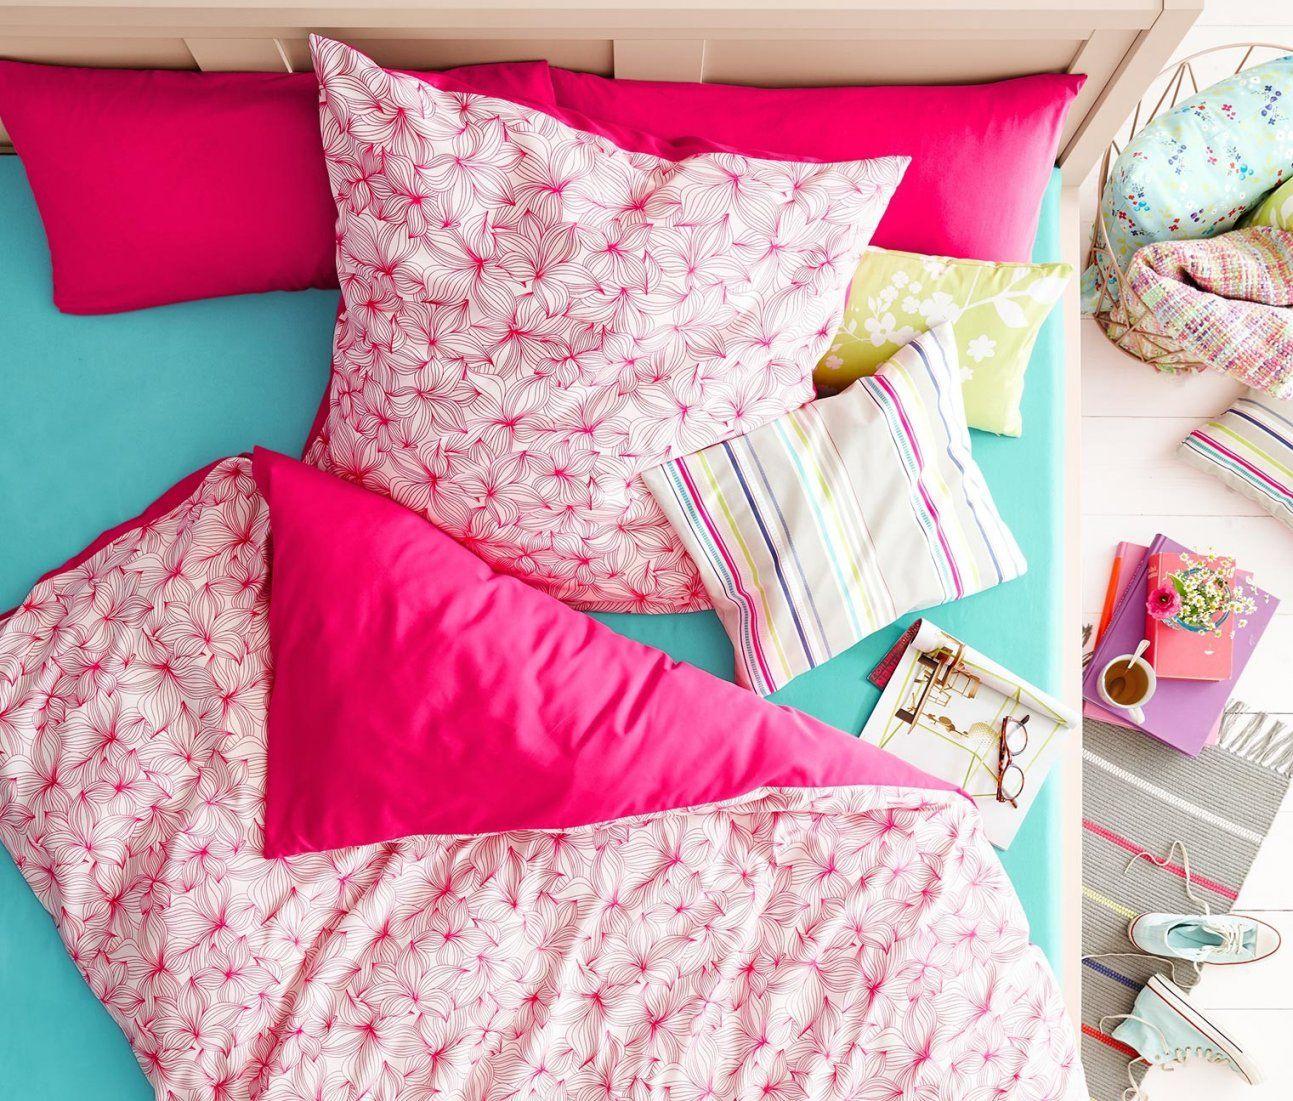 Cool Bettwäsche Übergröße Maße  Bettwäsche Ideen von Übergröße Bettwäsche Maße Photo